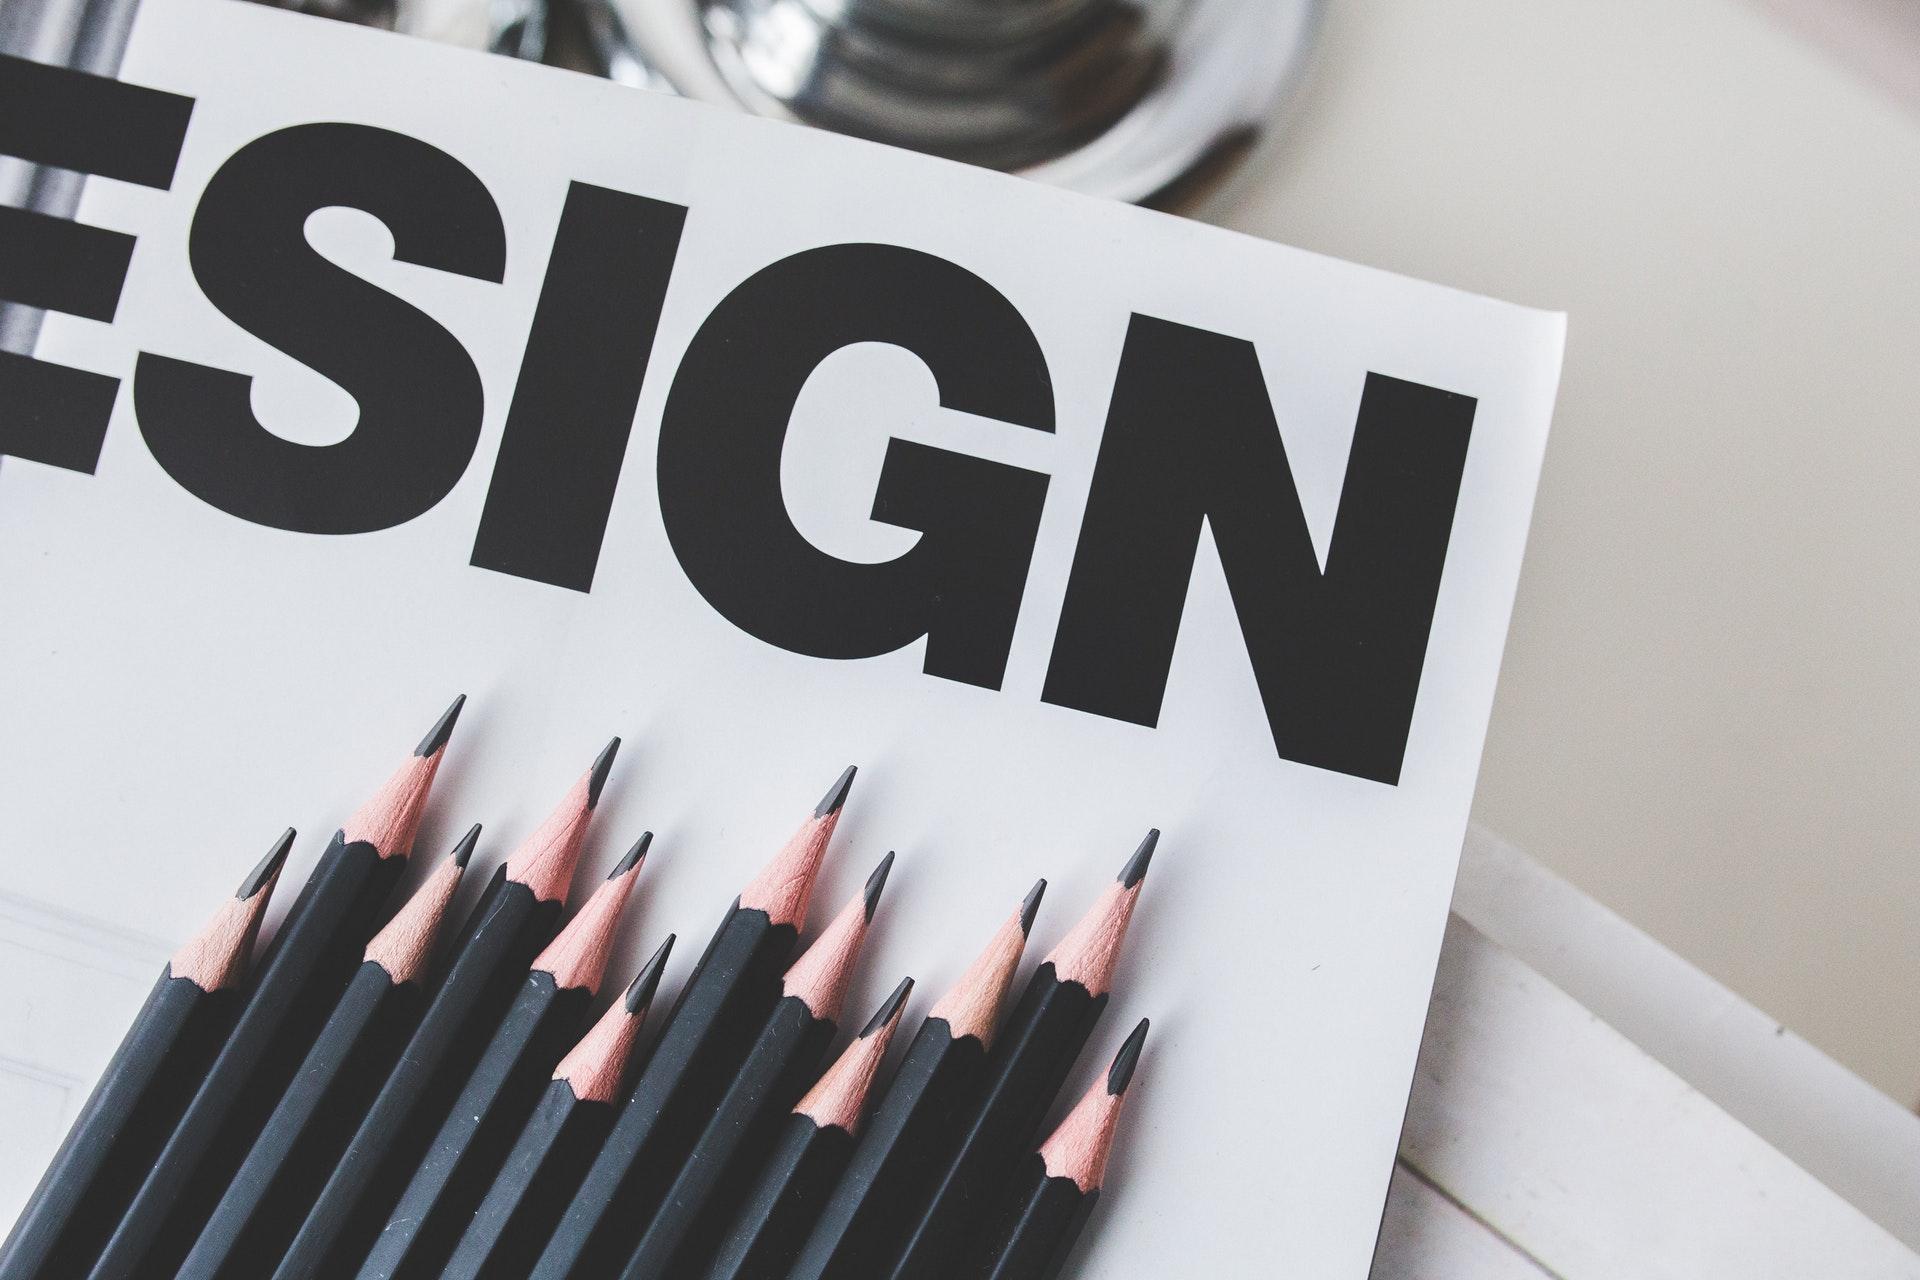 sign-pencil-black-pencils.jpg